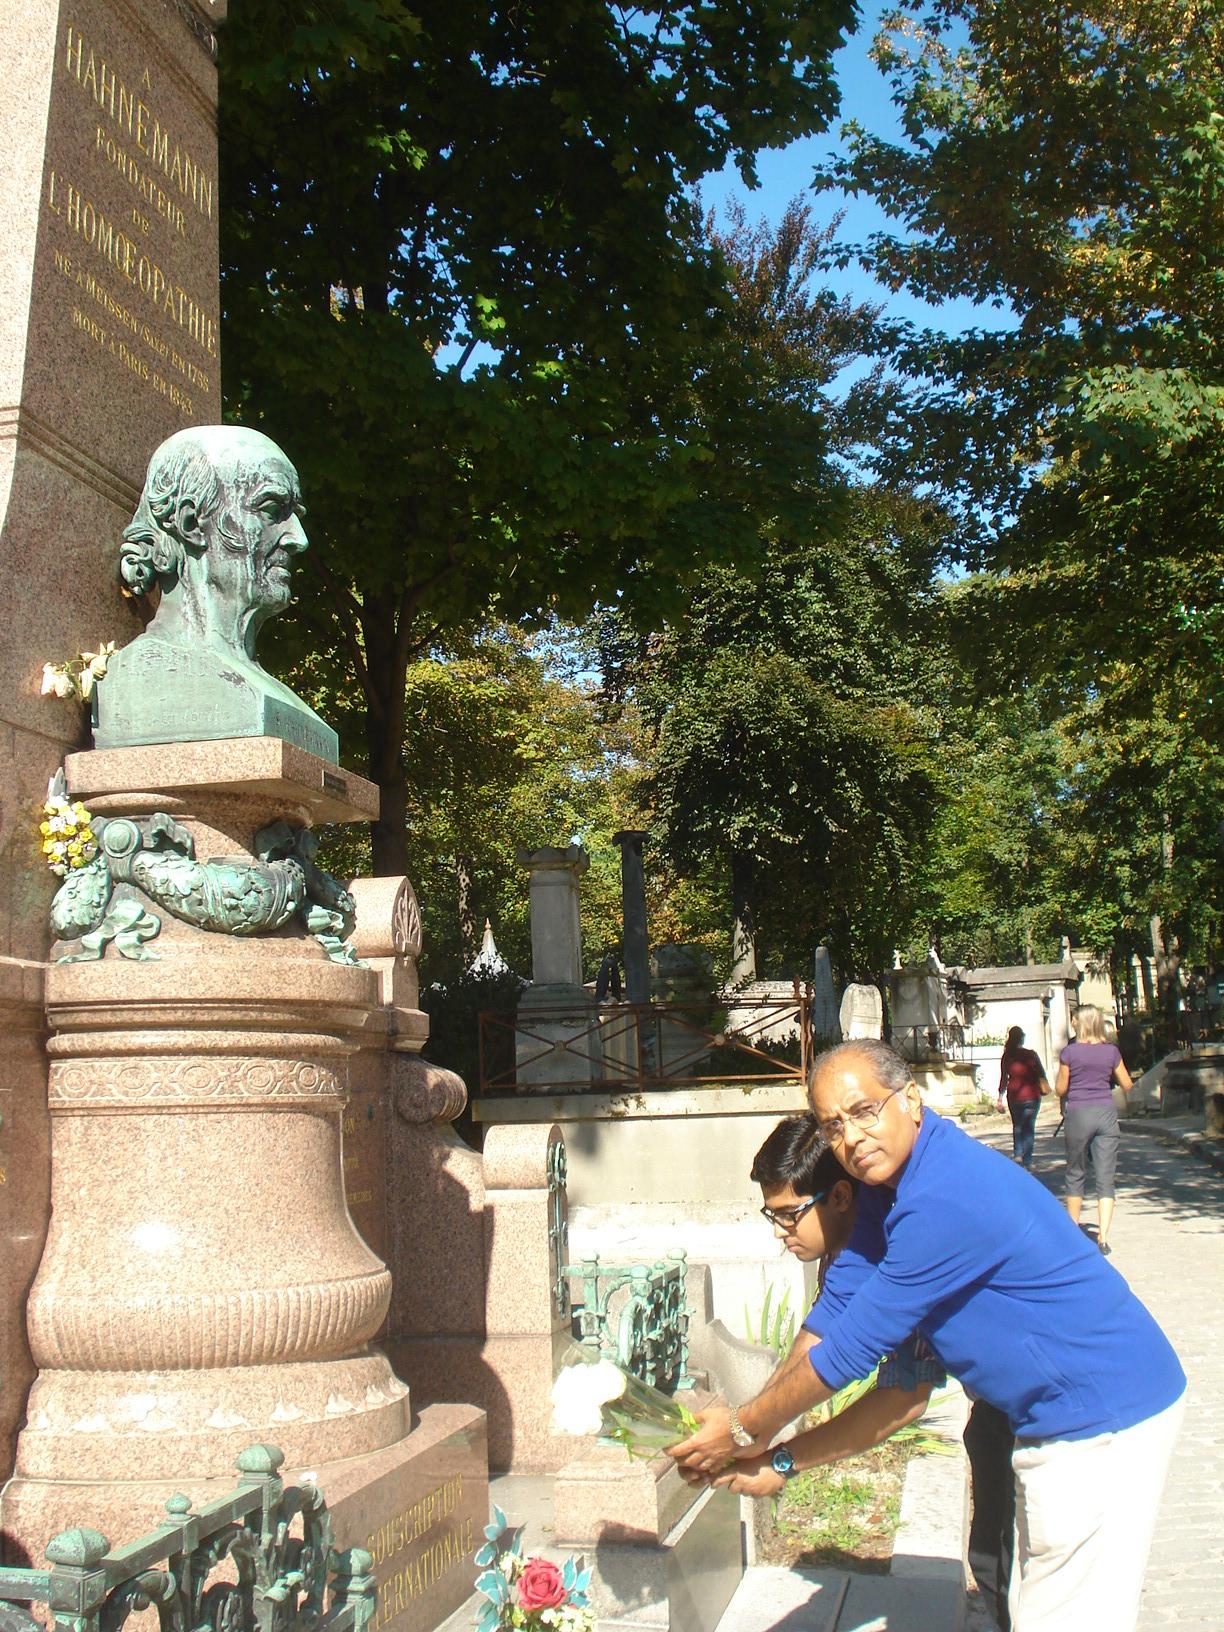 Saptarshi & Subrata in Hahnemann's Grave, Paris 2013